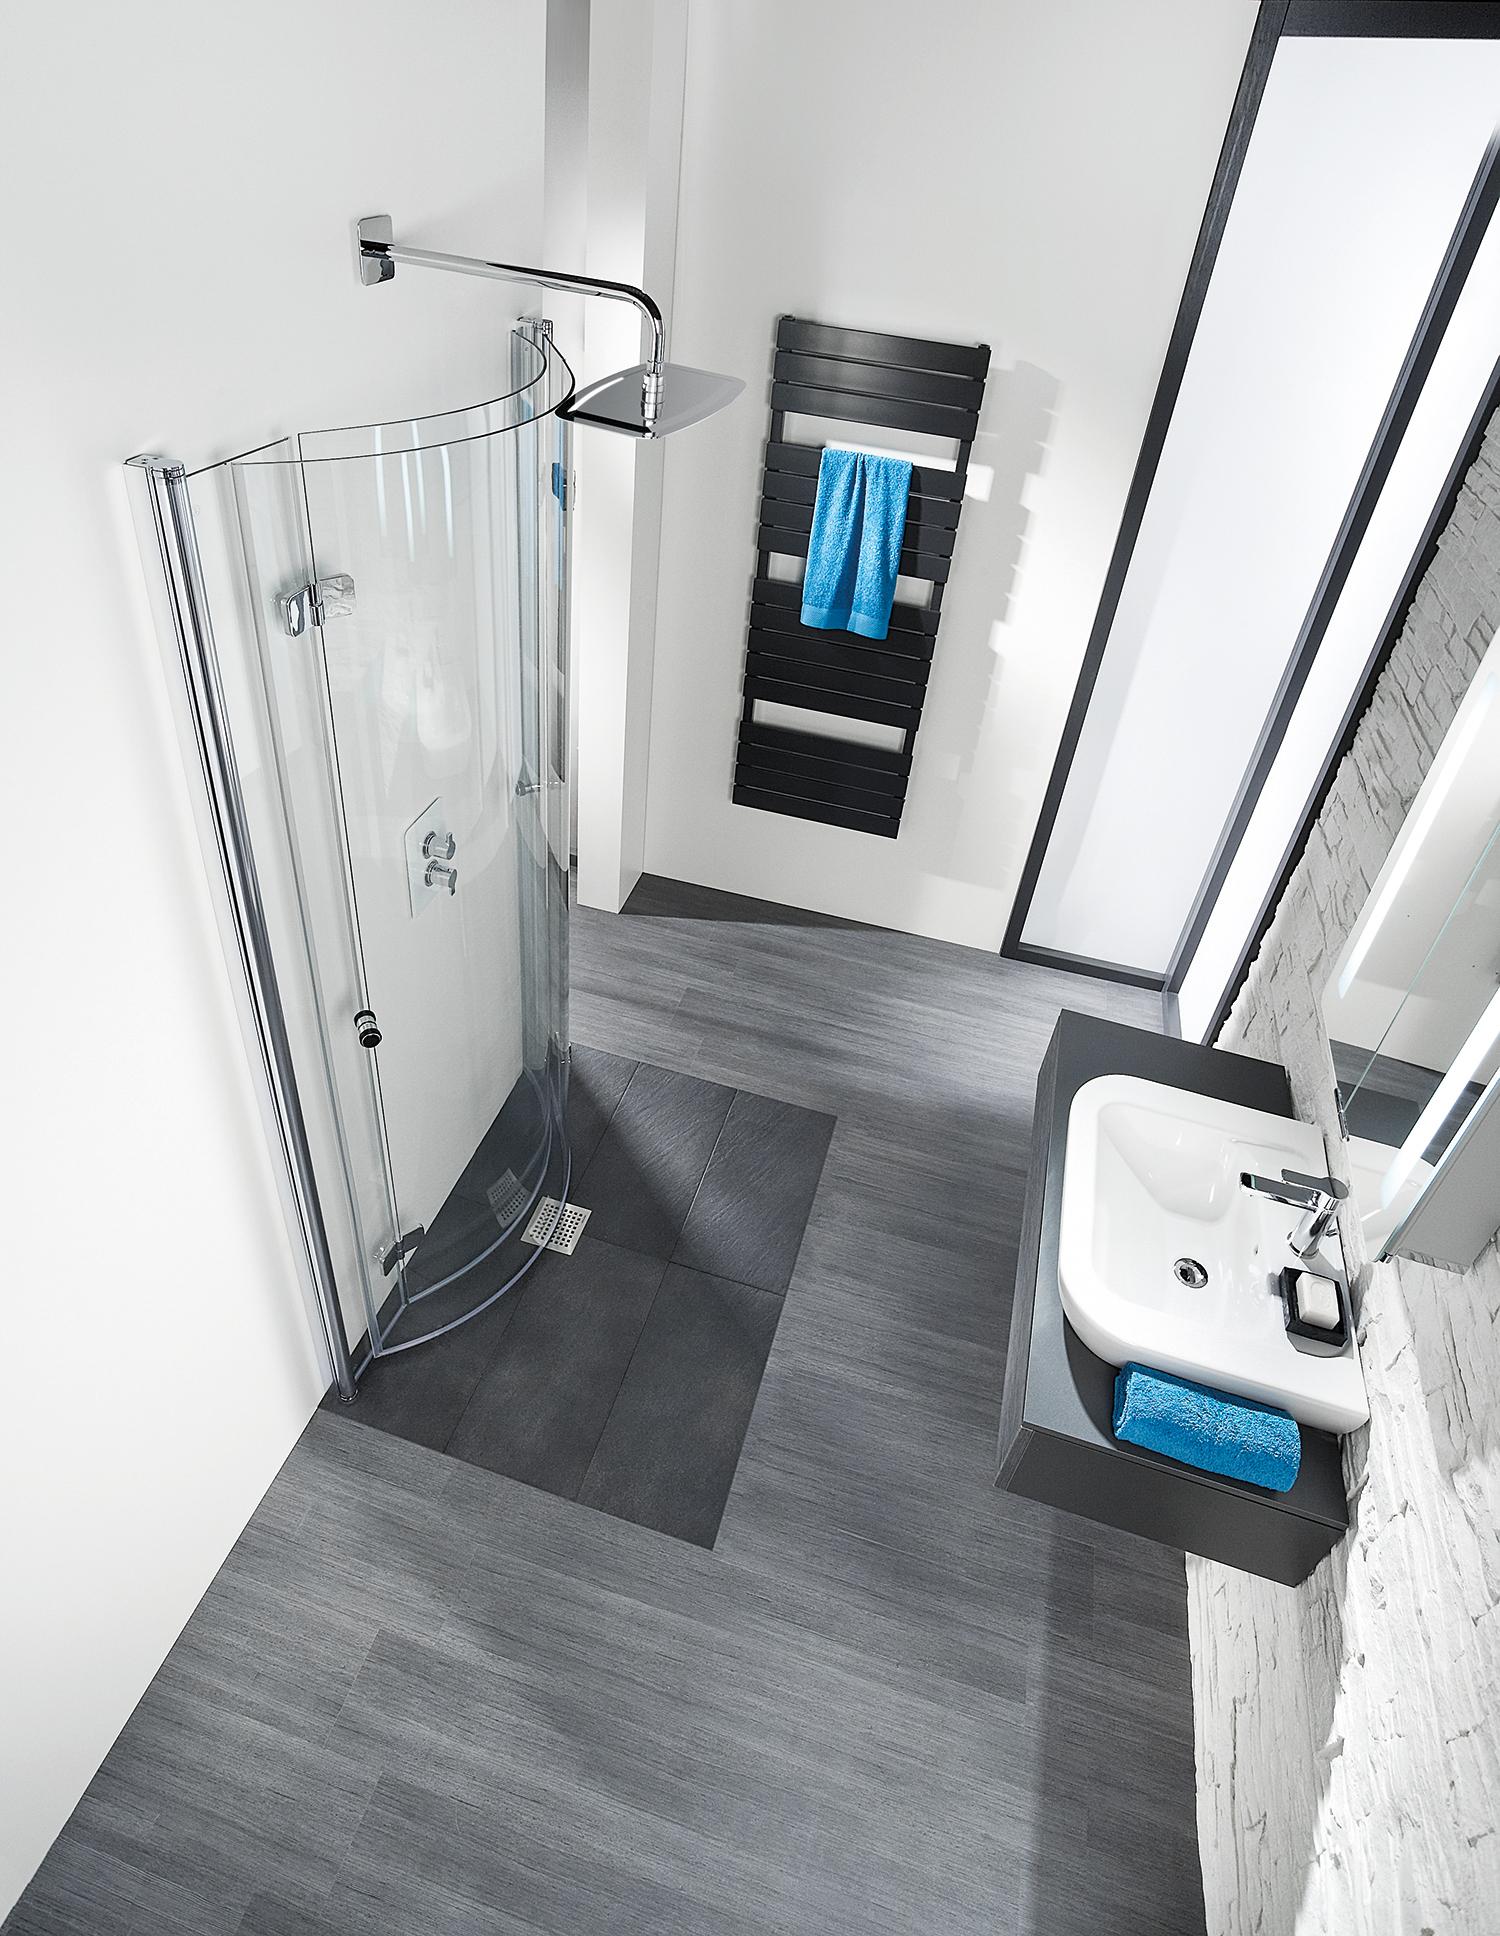 Full Size of Hsk Duschen Showers Kg Presseportal Bodengleiche Sprinz Kaufen Begehbare Hüppe Moderne Schulte Breuer Werksverkauf Dusche Hsk Duschen